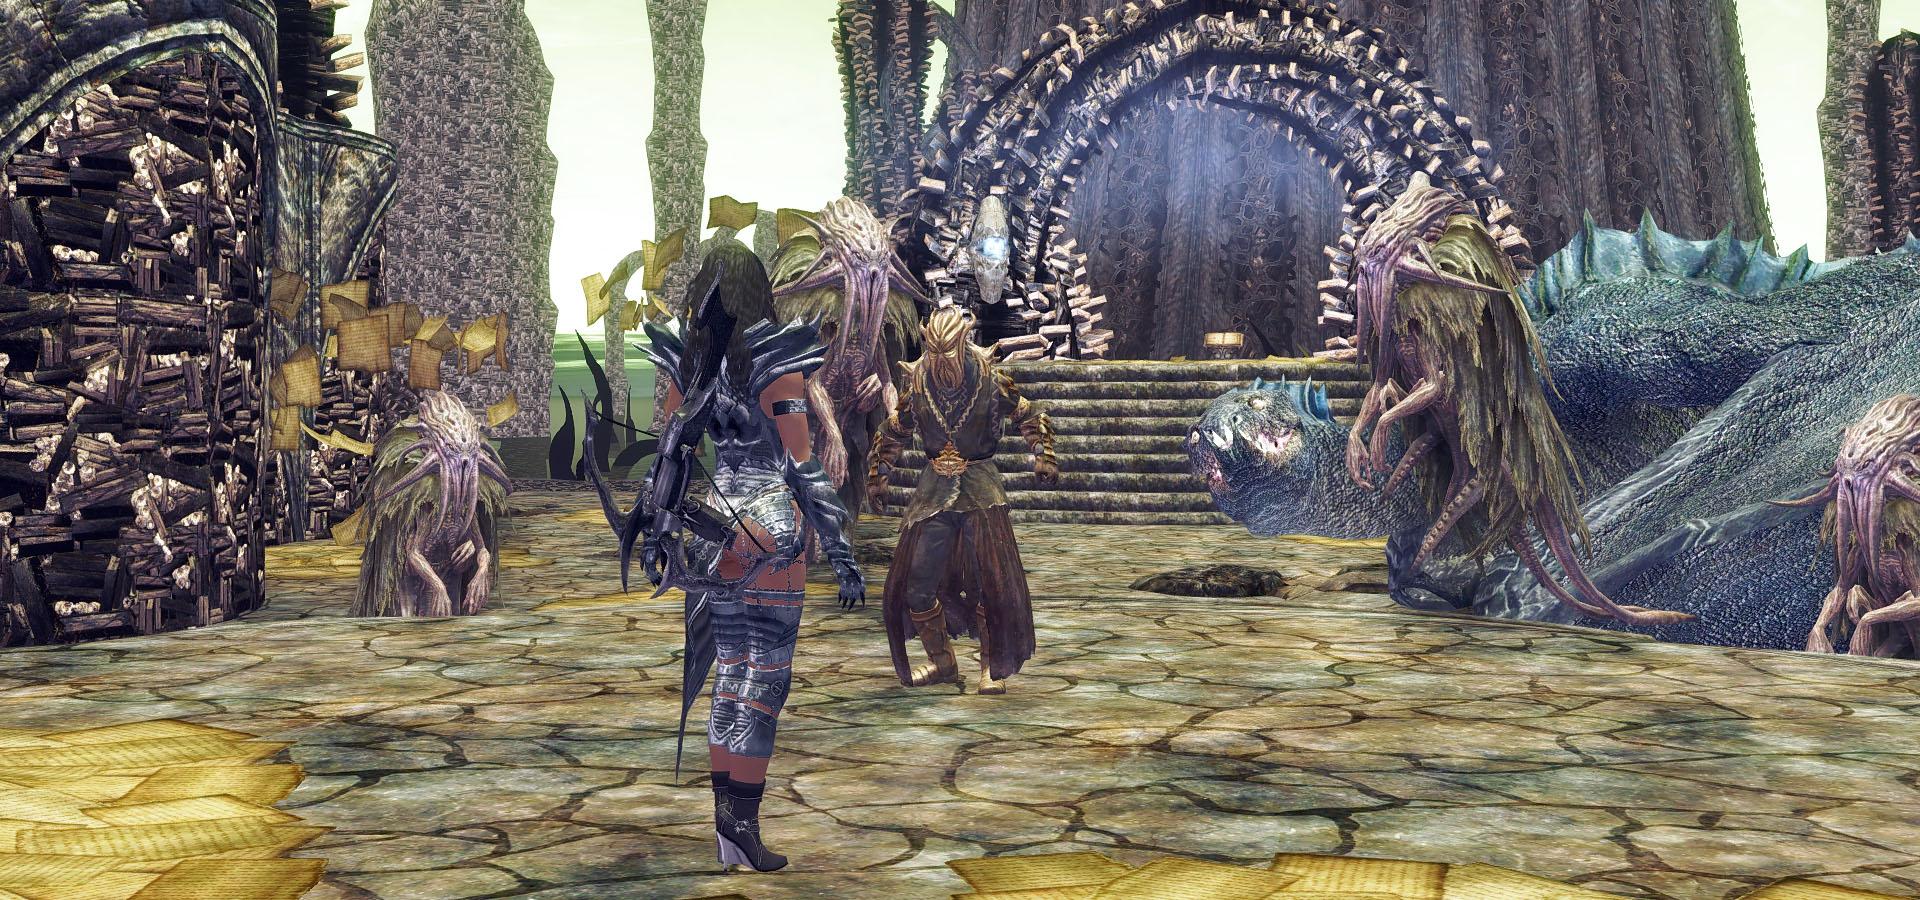 539. Мирак, первая встреча.jpg - Elder Scrolls 5: Skyrim, the CBBE, Сборка-21